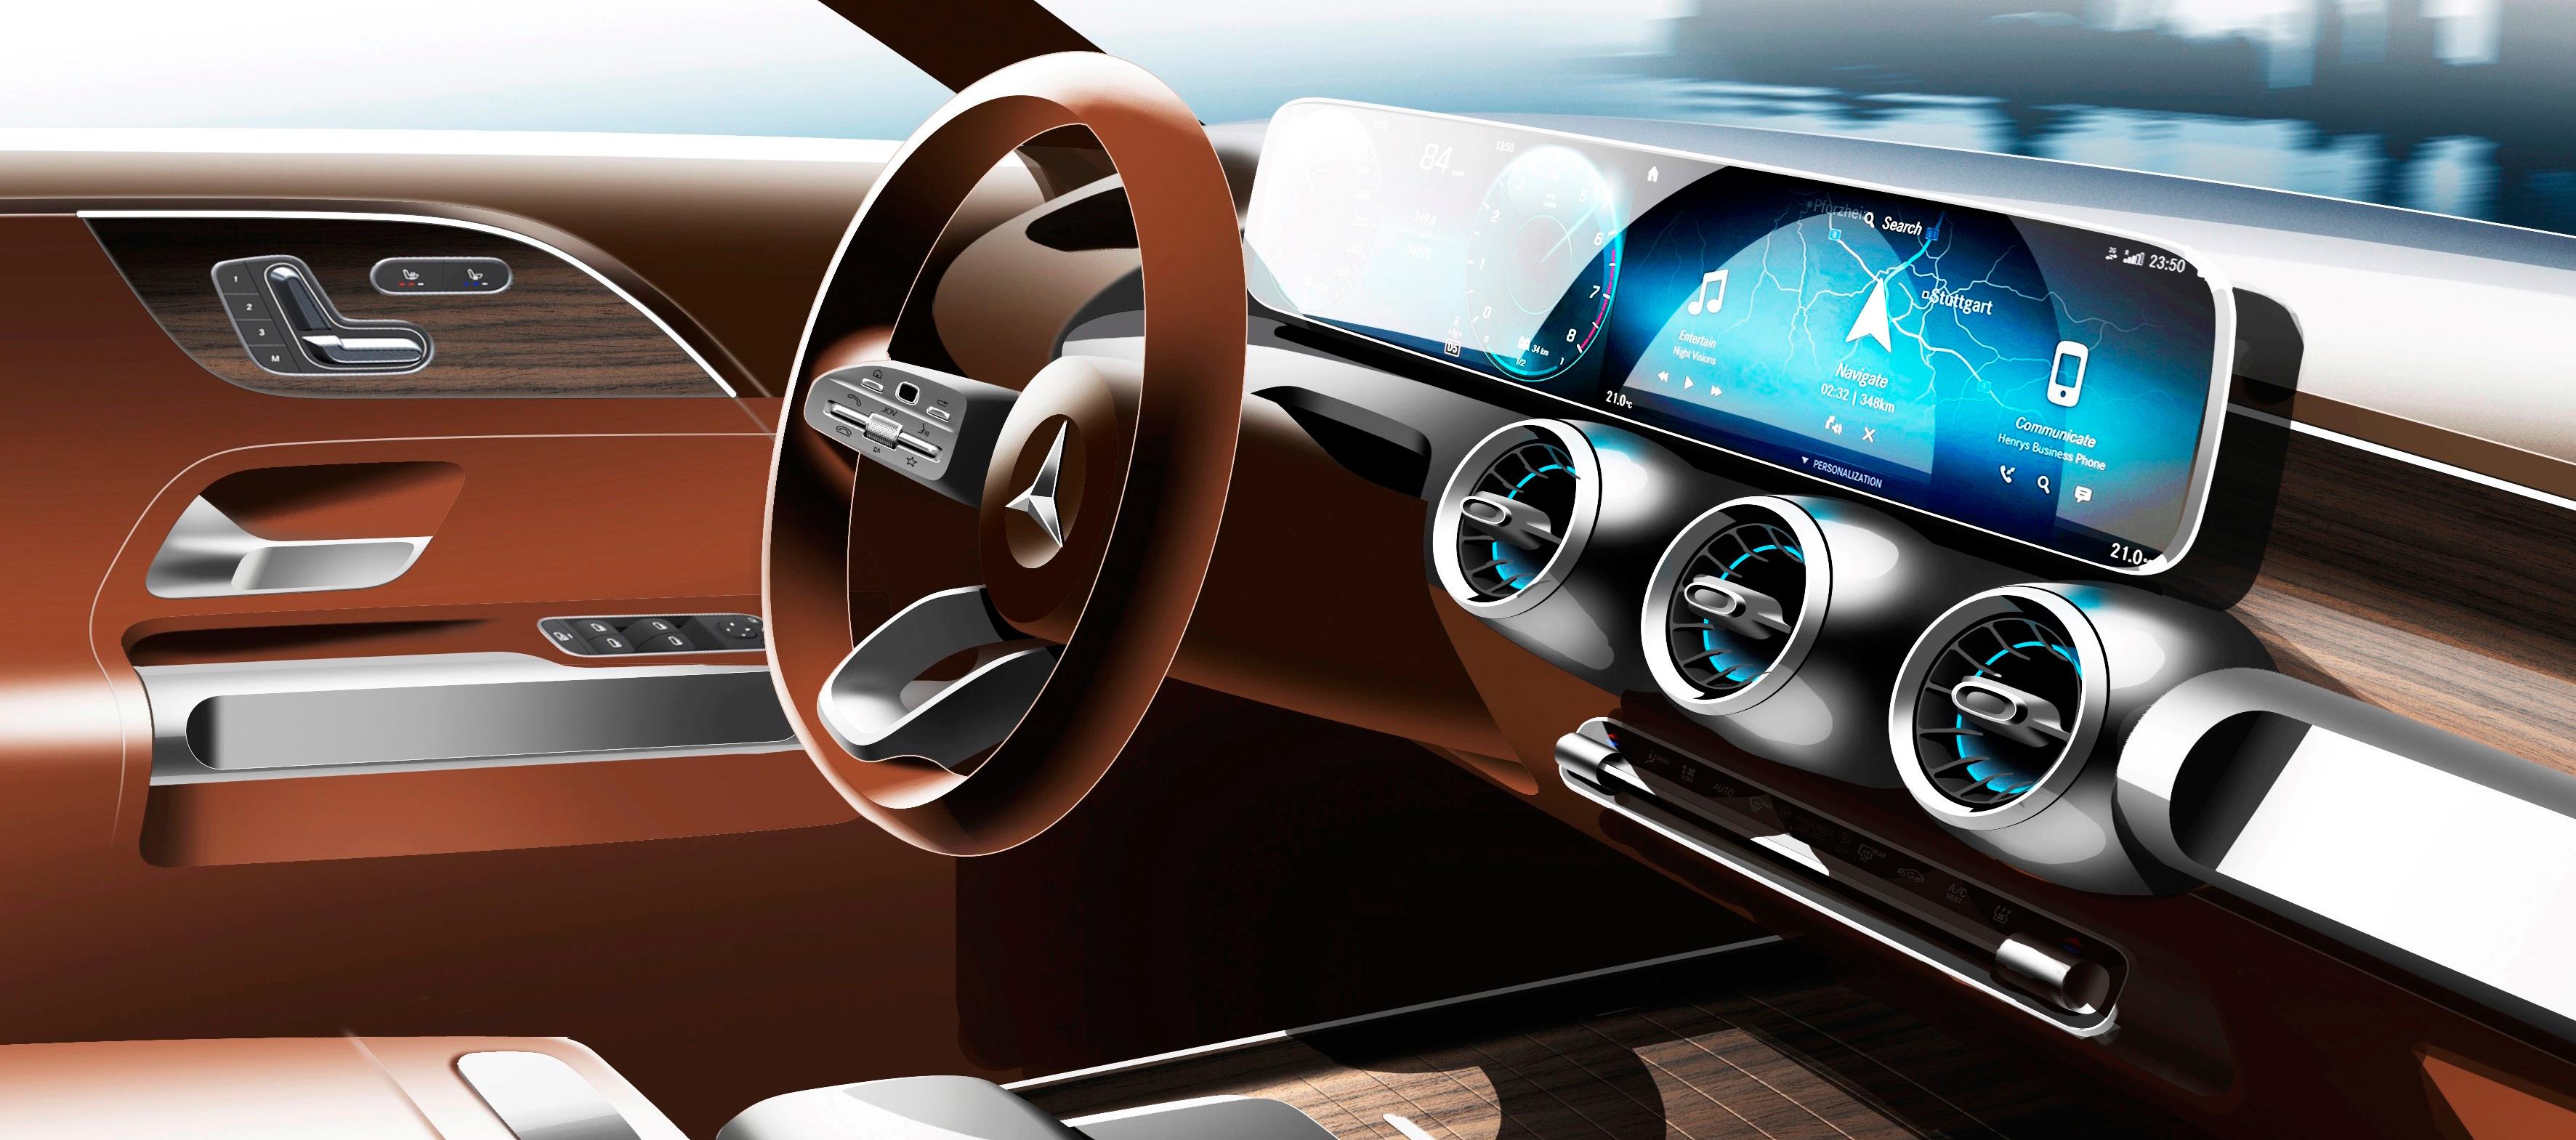 Mercedes-Benz presentará en Shanghai el Concept GLB Y el A 35 4MATIC Sedán